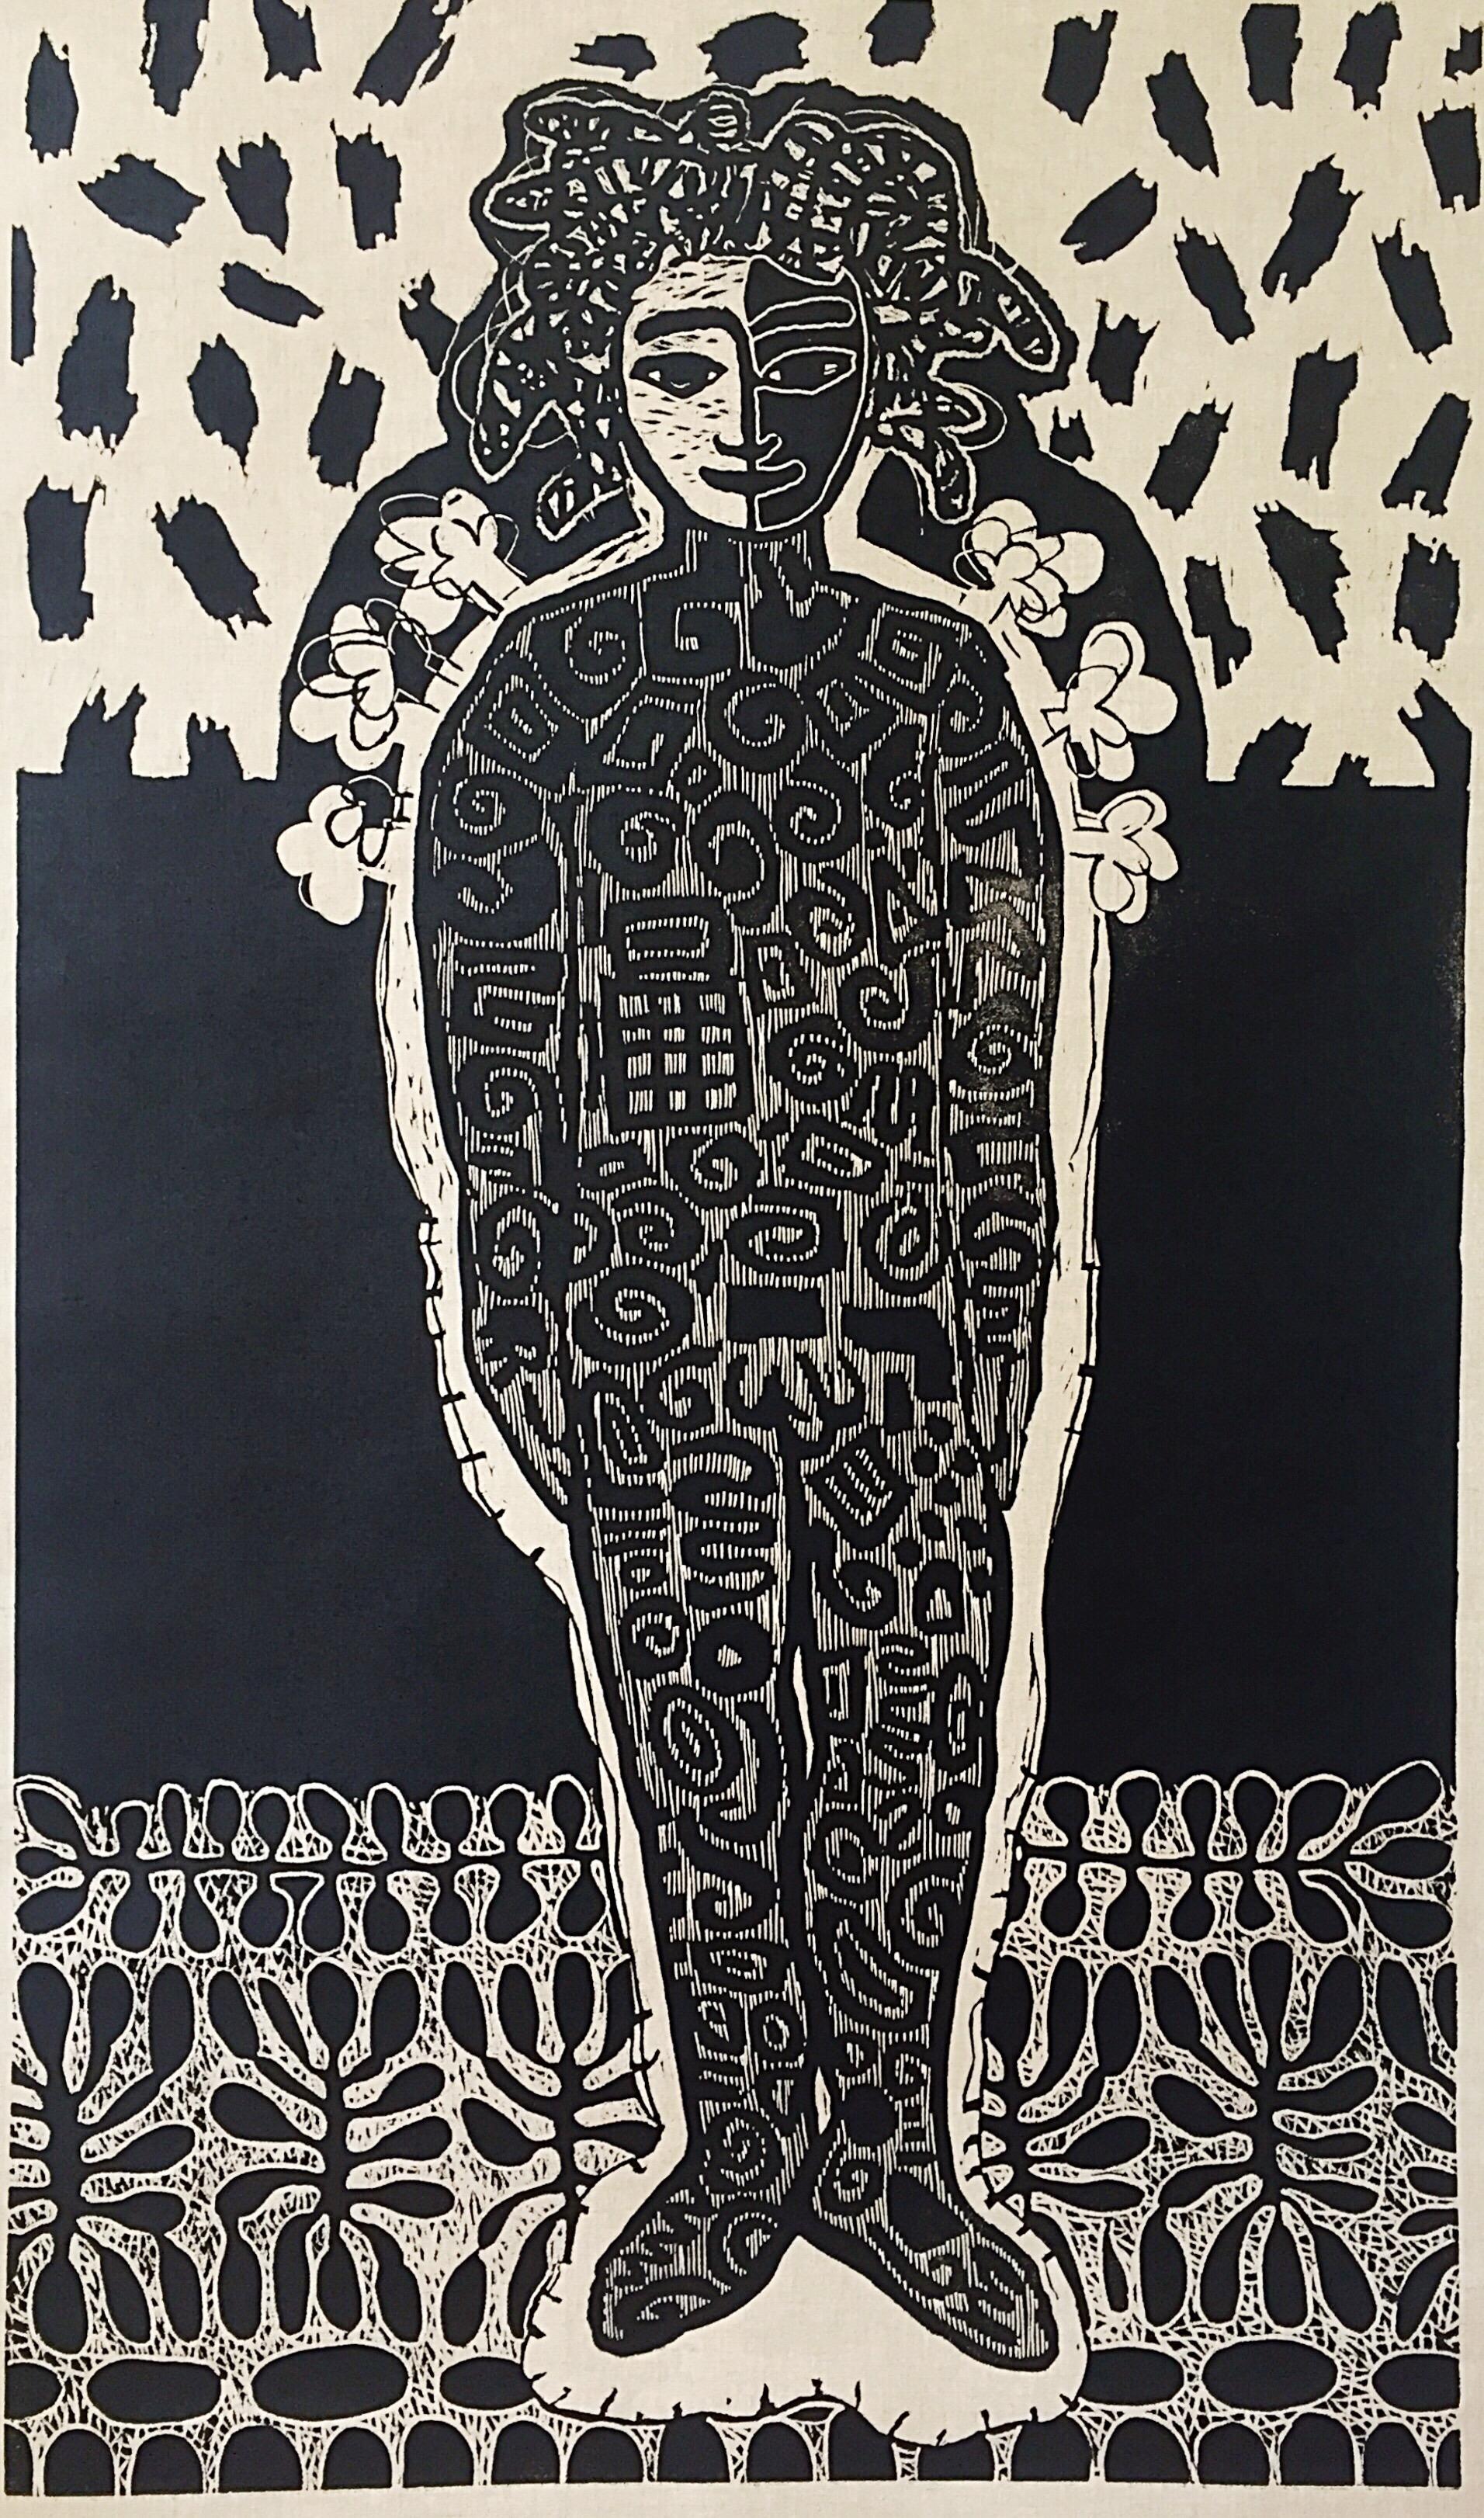 All Described, lino gedrukt op linnen, opgespannen en ingelijst 165 x 95 cm. Diana van Hal, 2018